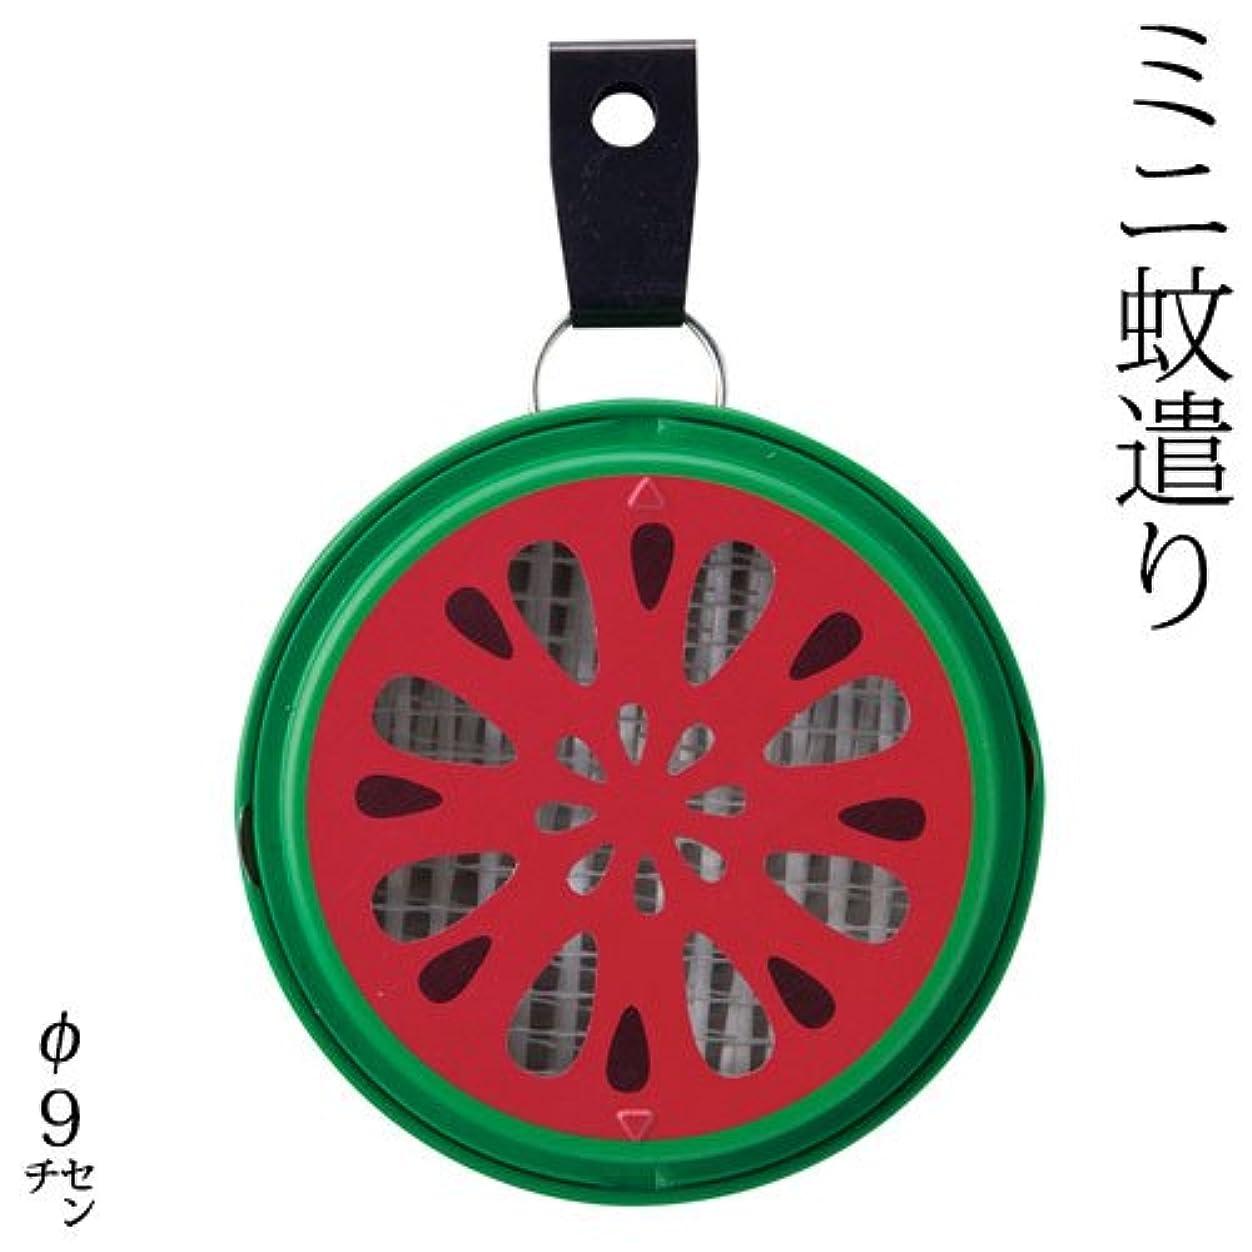 してはいけない効果的に立法DECOLEポータブルミニ蚊遣りスイカ (SK-87516)吊り下げ?床置き対応Portable mini Kayari